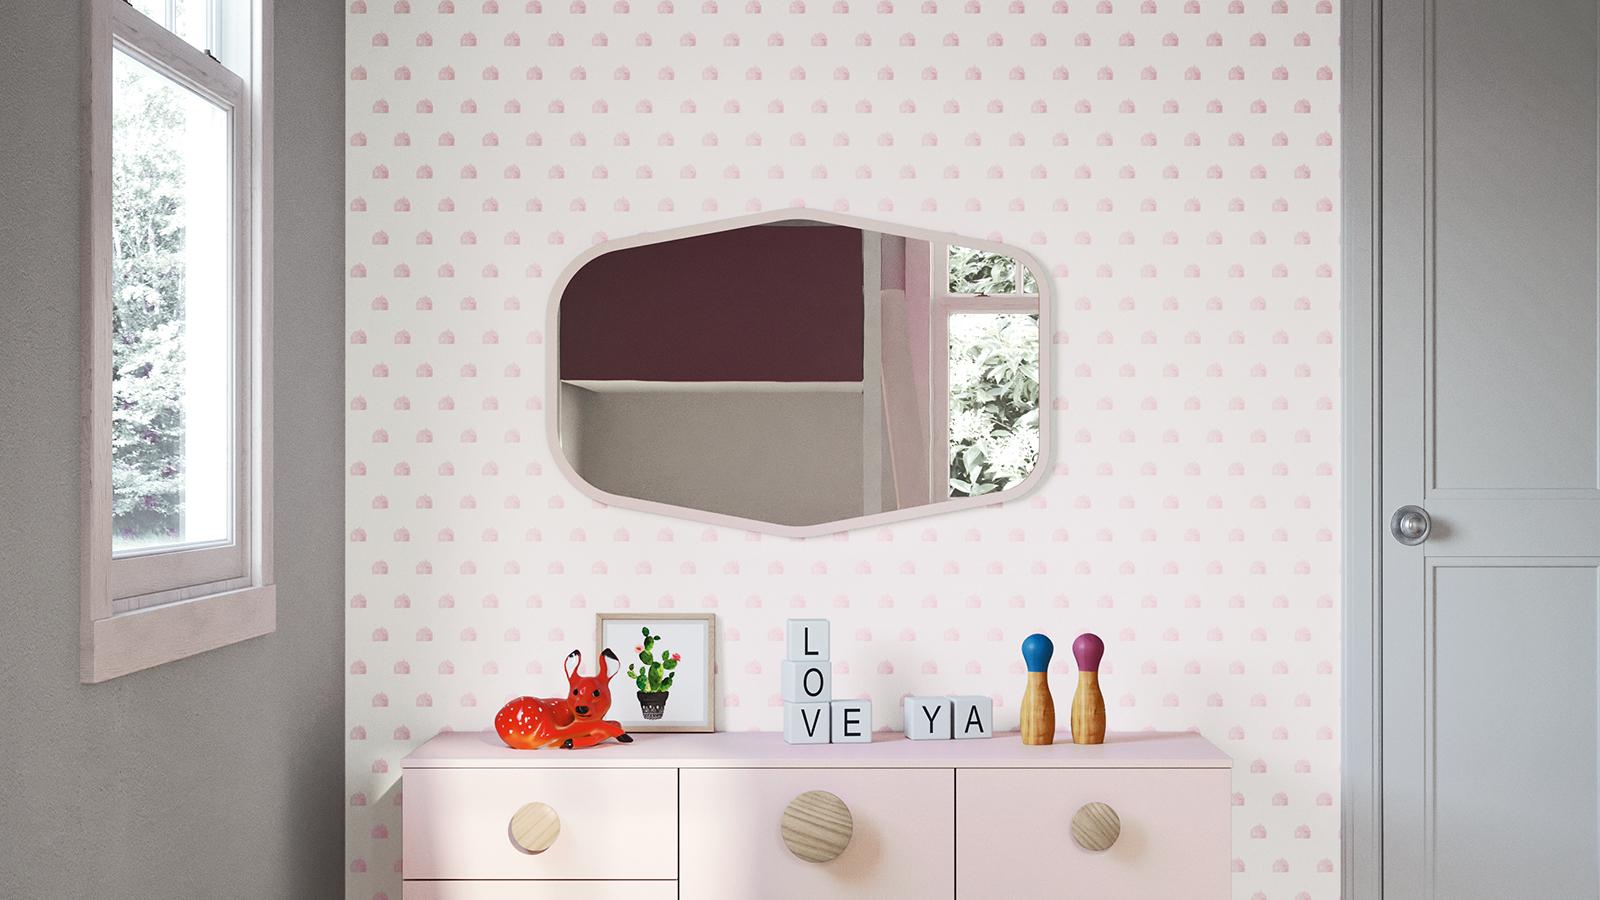 Specchi per camerette per bambini e ragazzi nidi - Specchi per camerette ...